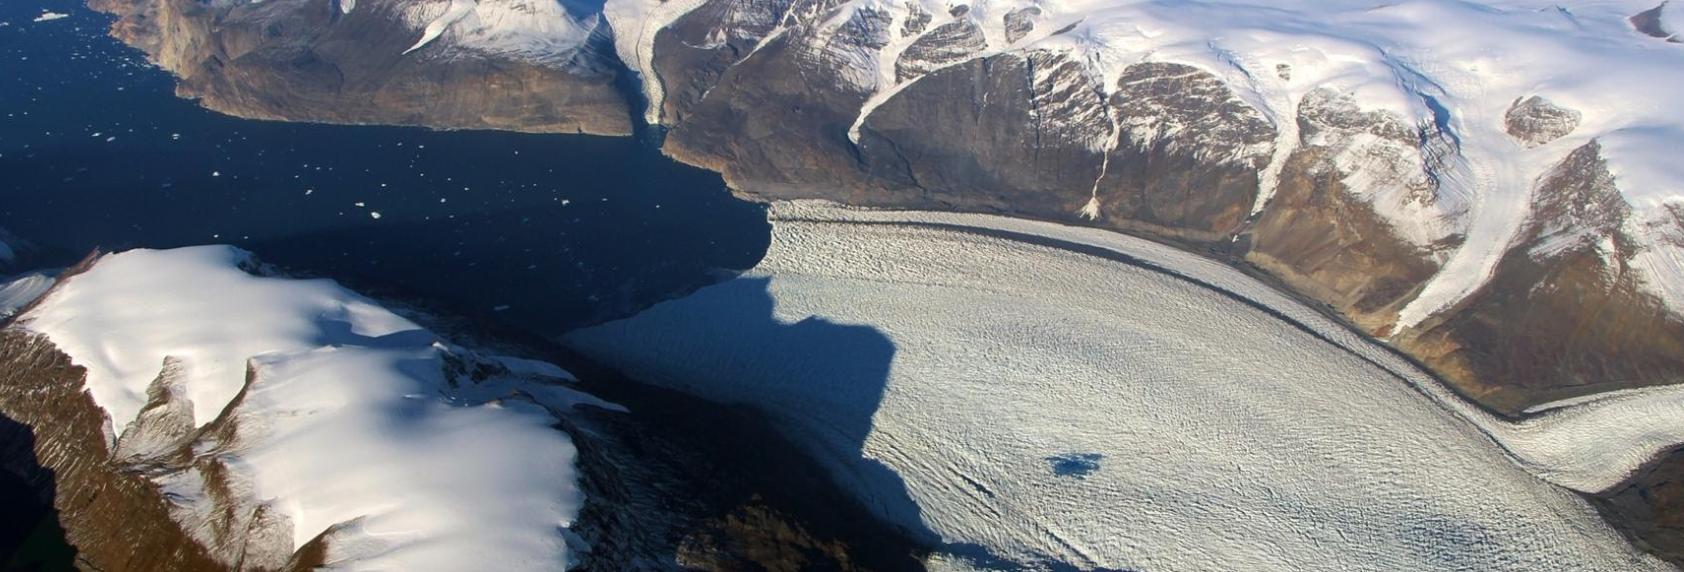 Cum afectează schimbările climatice axa de rotație a Pământului